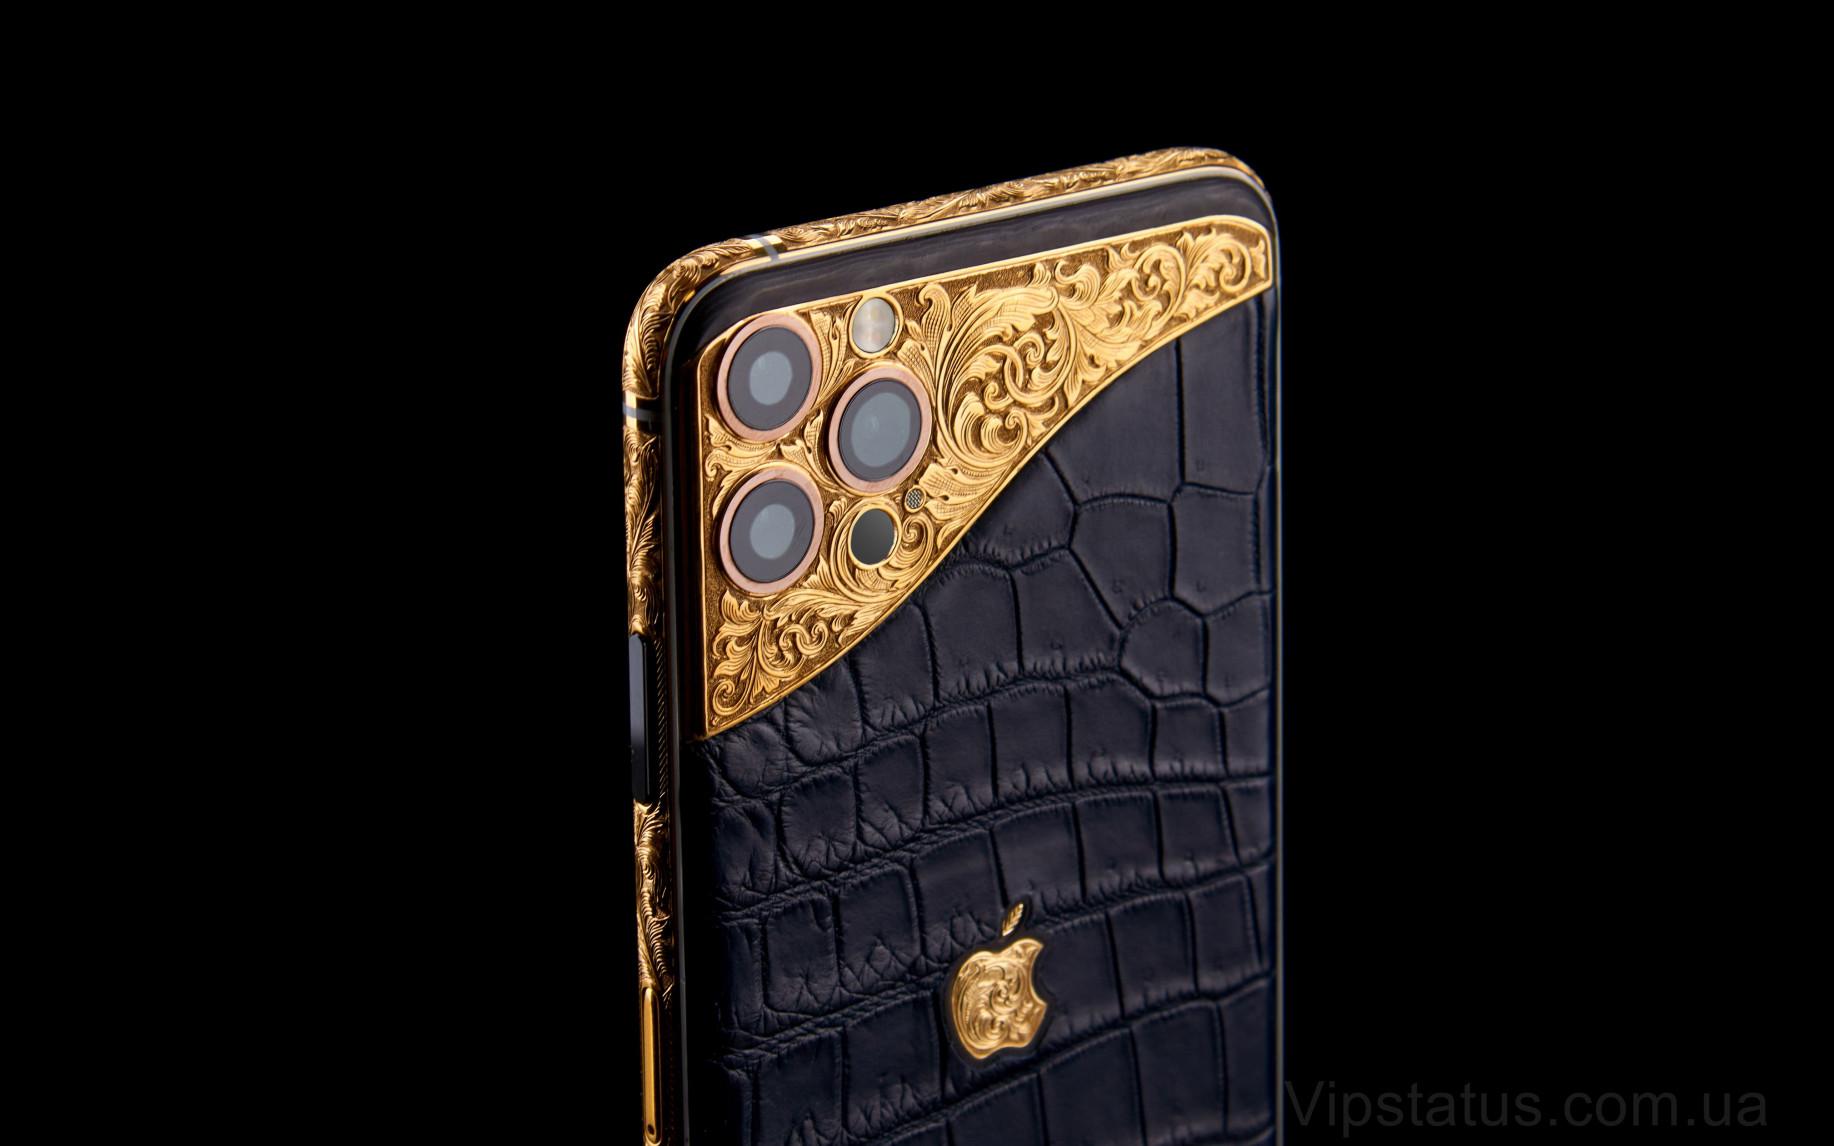 Elite Gold Aristocrate IPHONE 12 PRO MAX 512 GB Gold Aristocrate IPHONE 12 PRO MAX 512 GB image 2